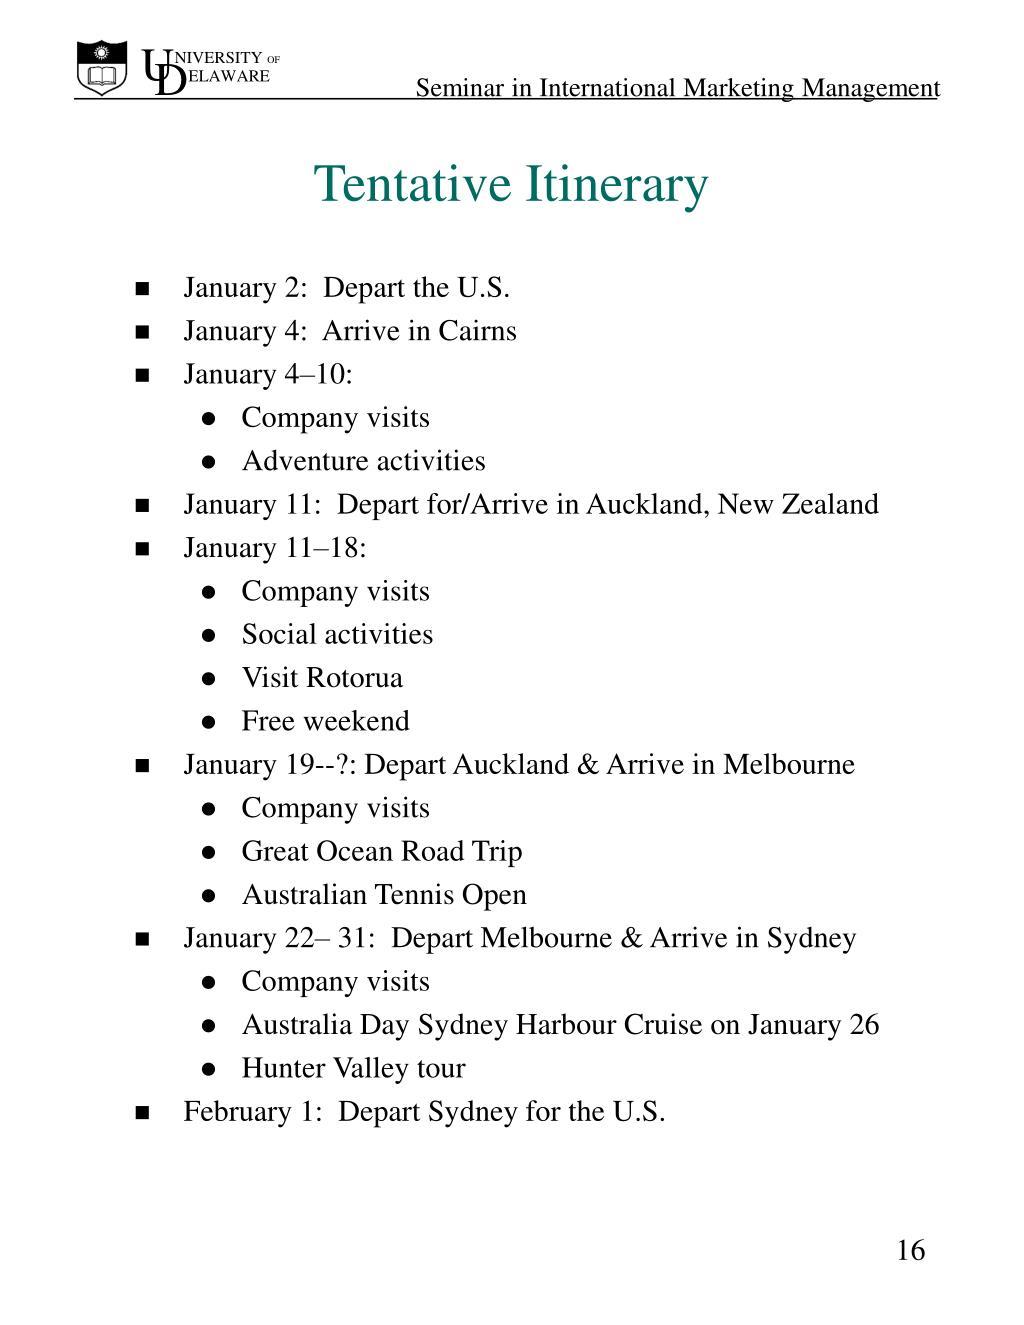 Tentative Itinerary